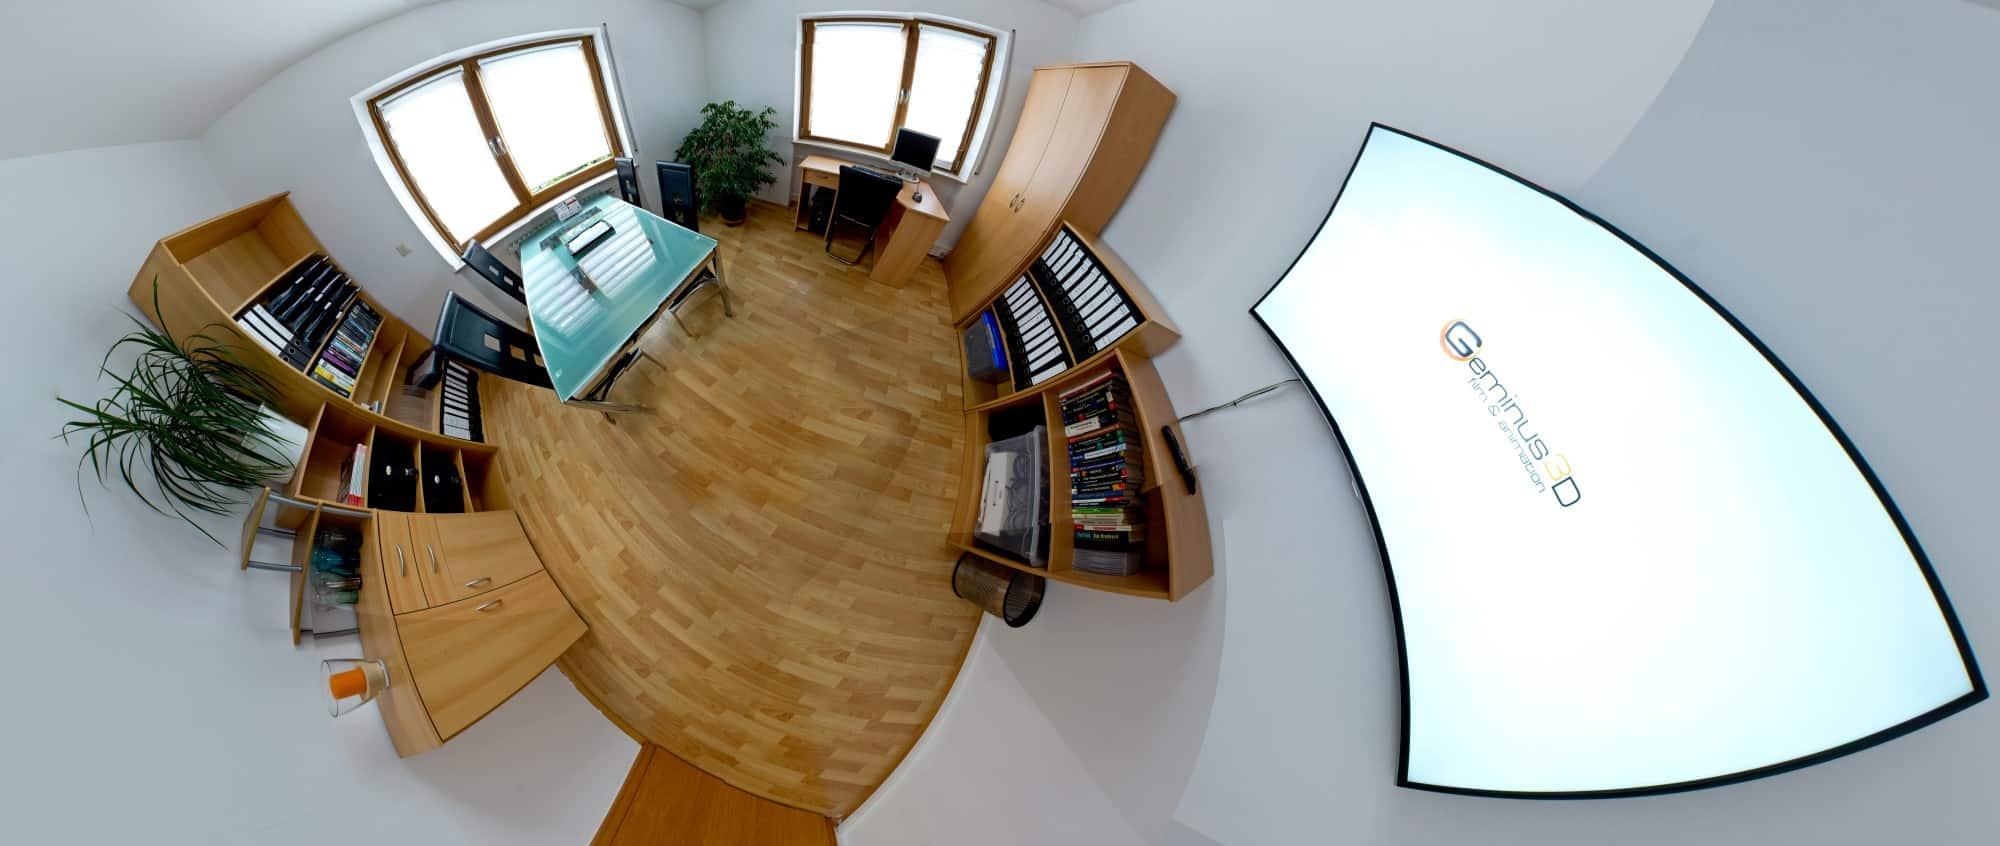 Büro-Geminus-3D